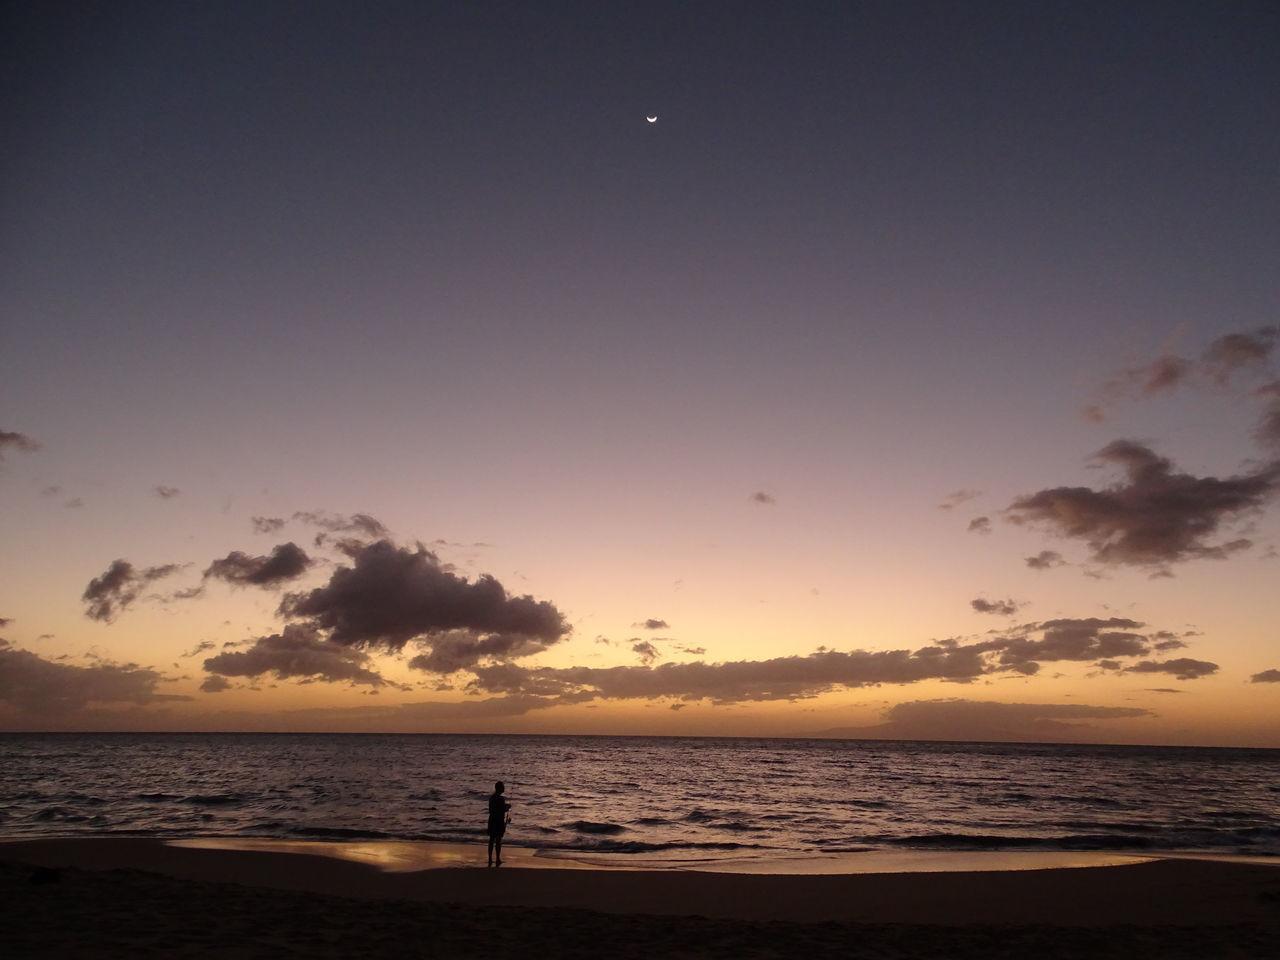 Sunset Sunsetporn Sunsetbeach Maui Mauiphotography Maui Hawaii Kihei Beach